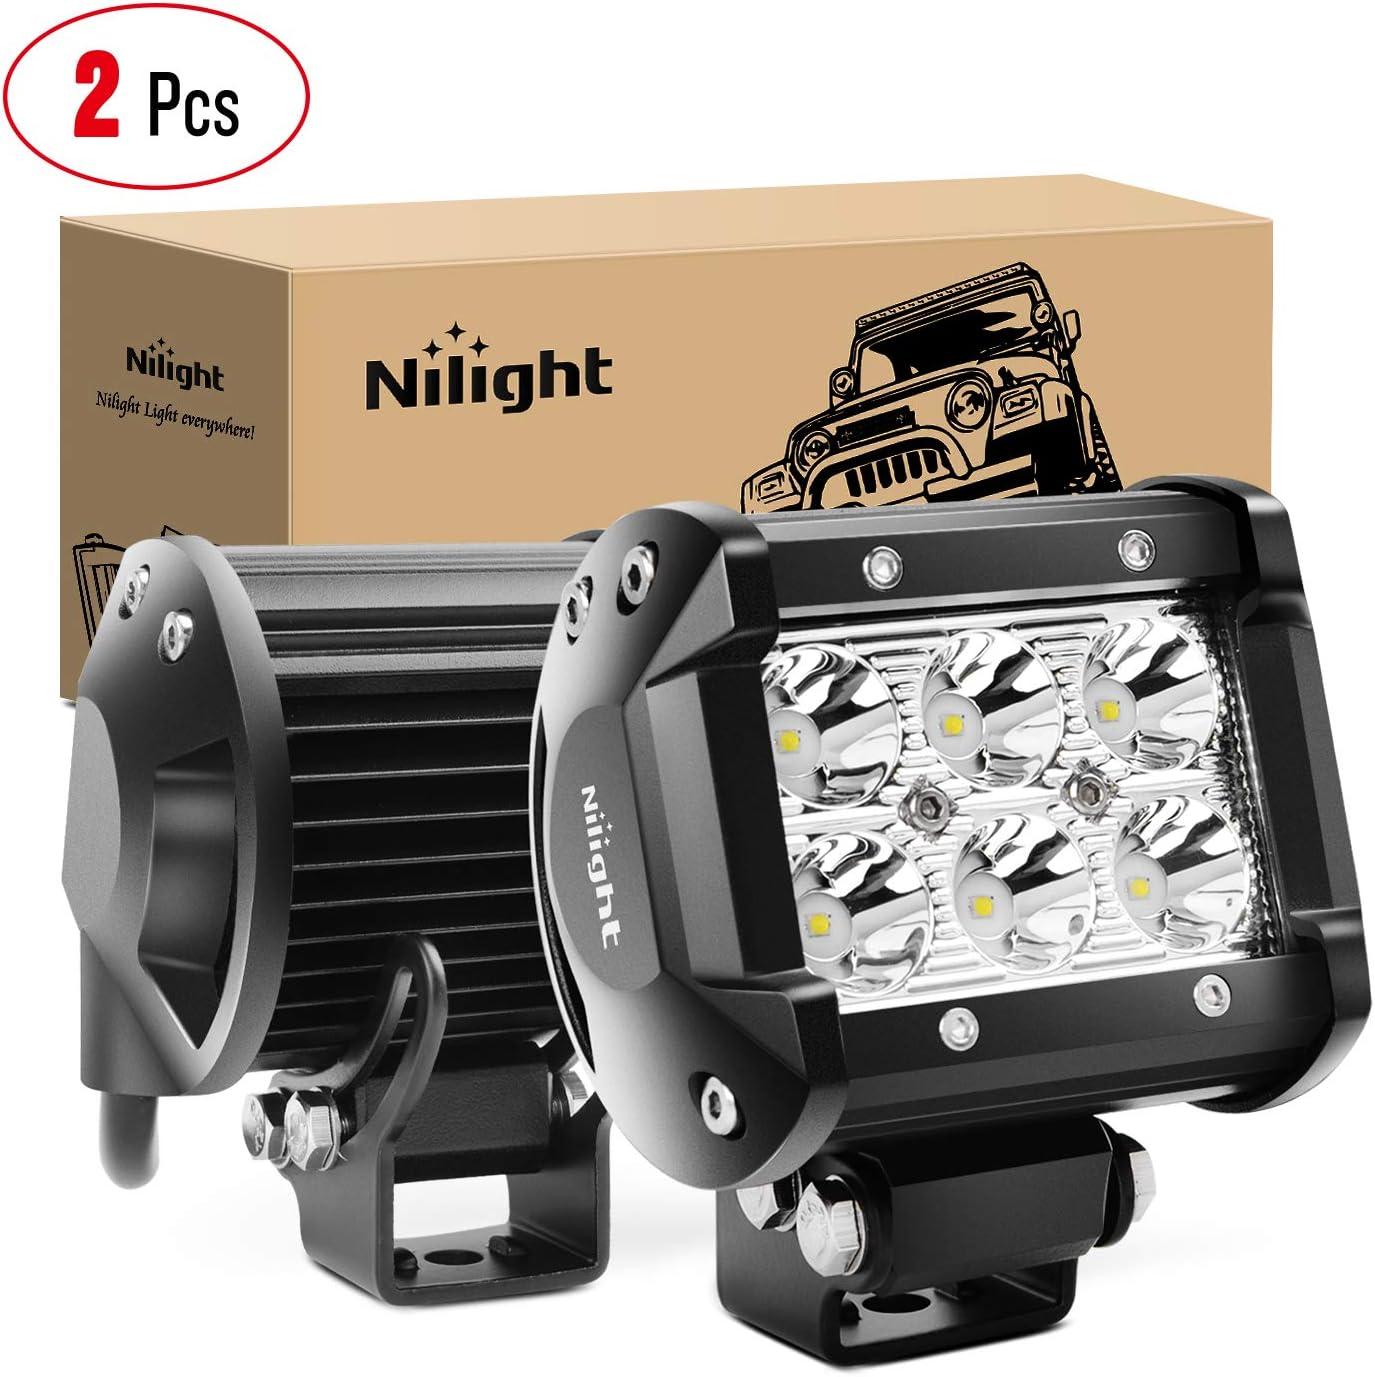 Nilight 2PCS 18W 1260lm Spot Driving Fog Light